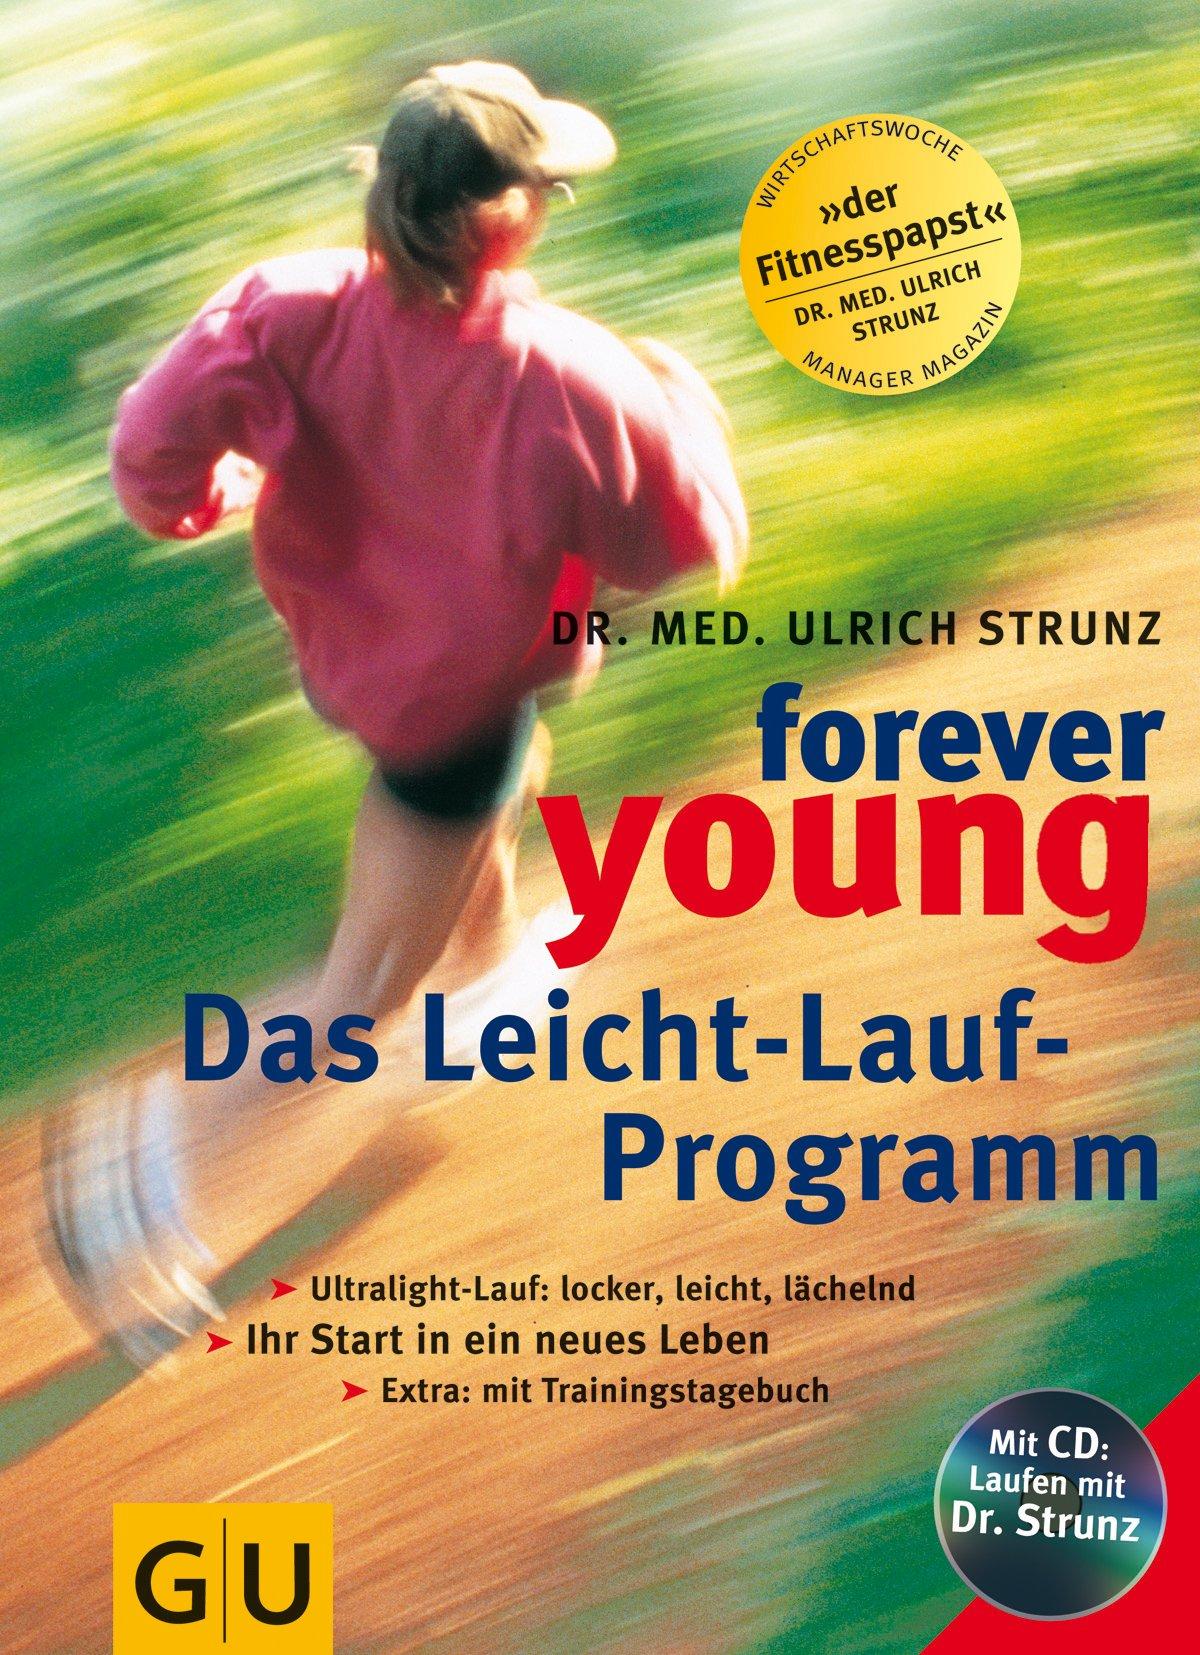 Forever young, Das Leicht-Lauf-Programm, m. Audio-CD (GU Altproduktion KGSPF)